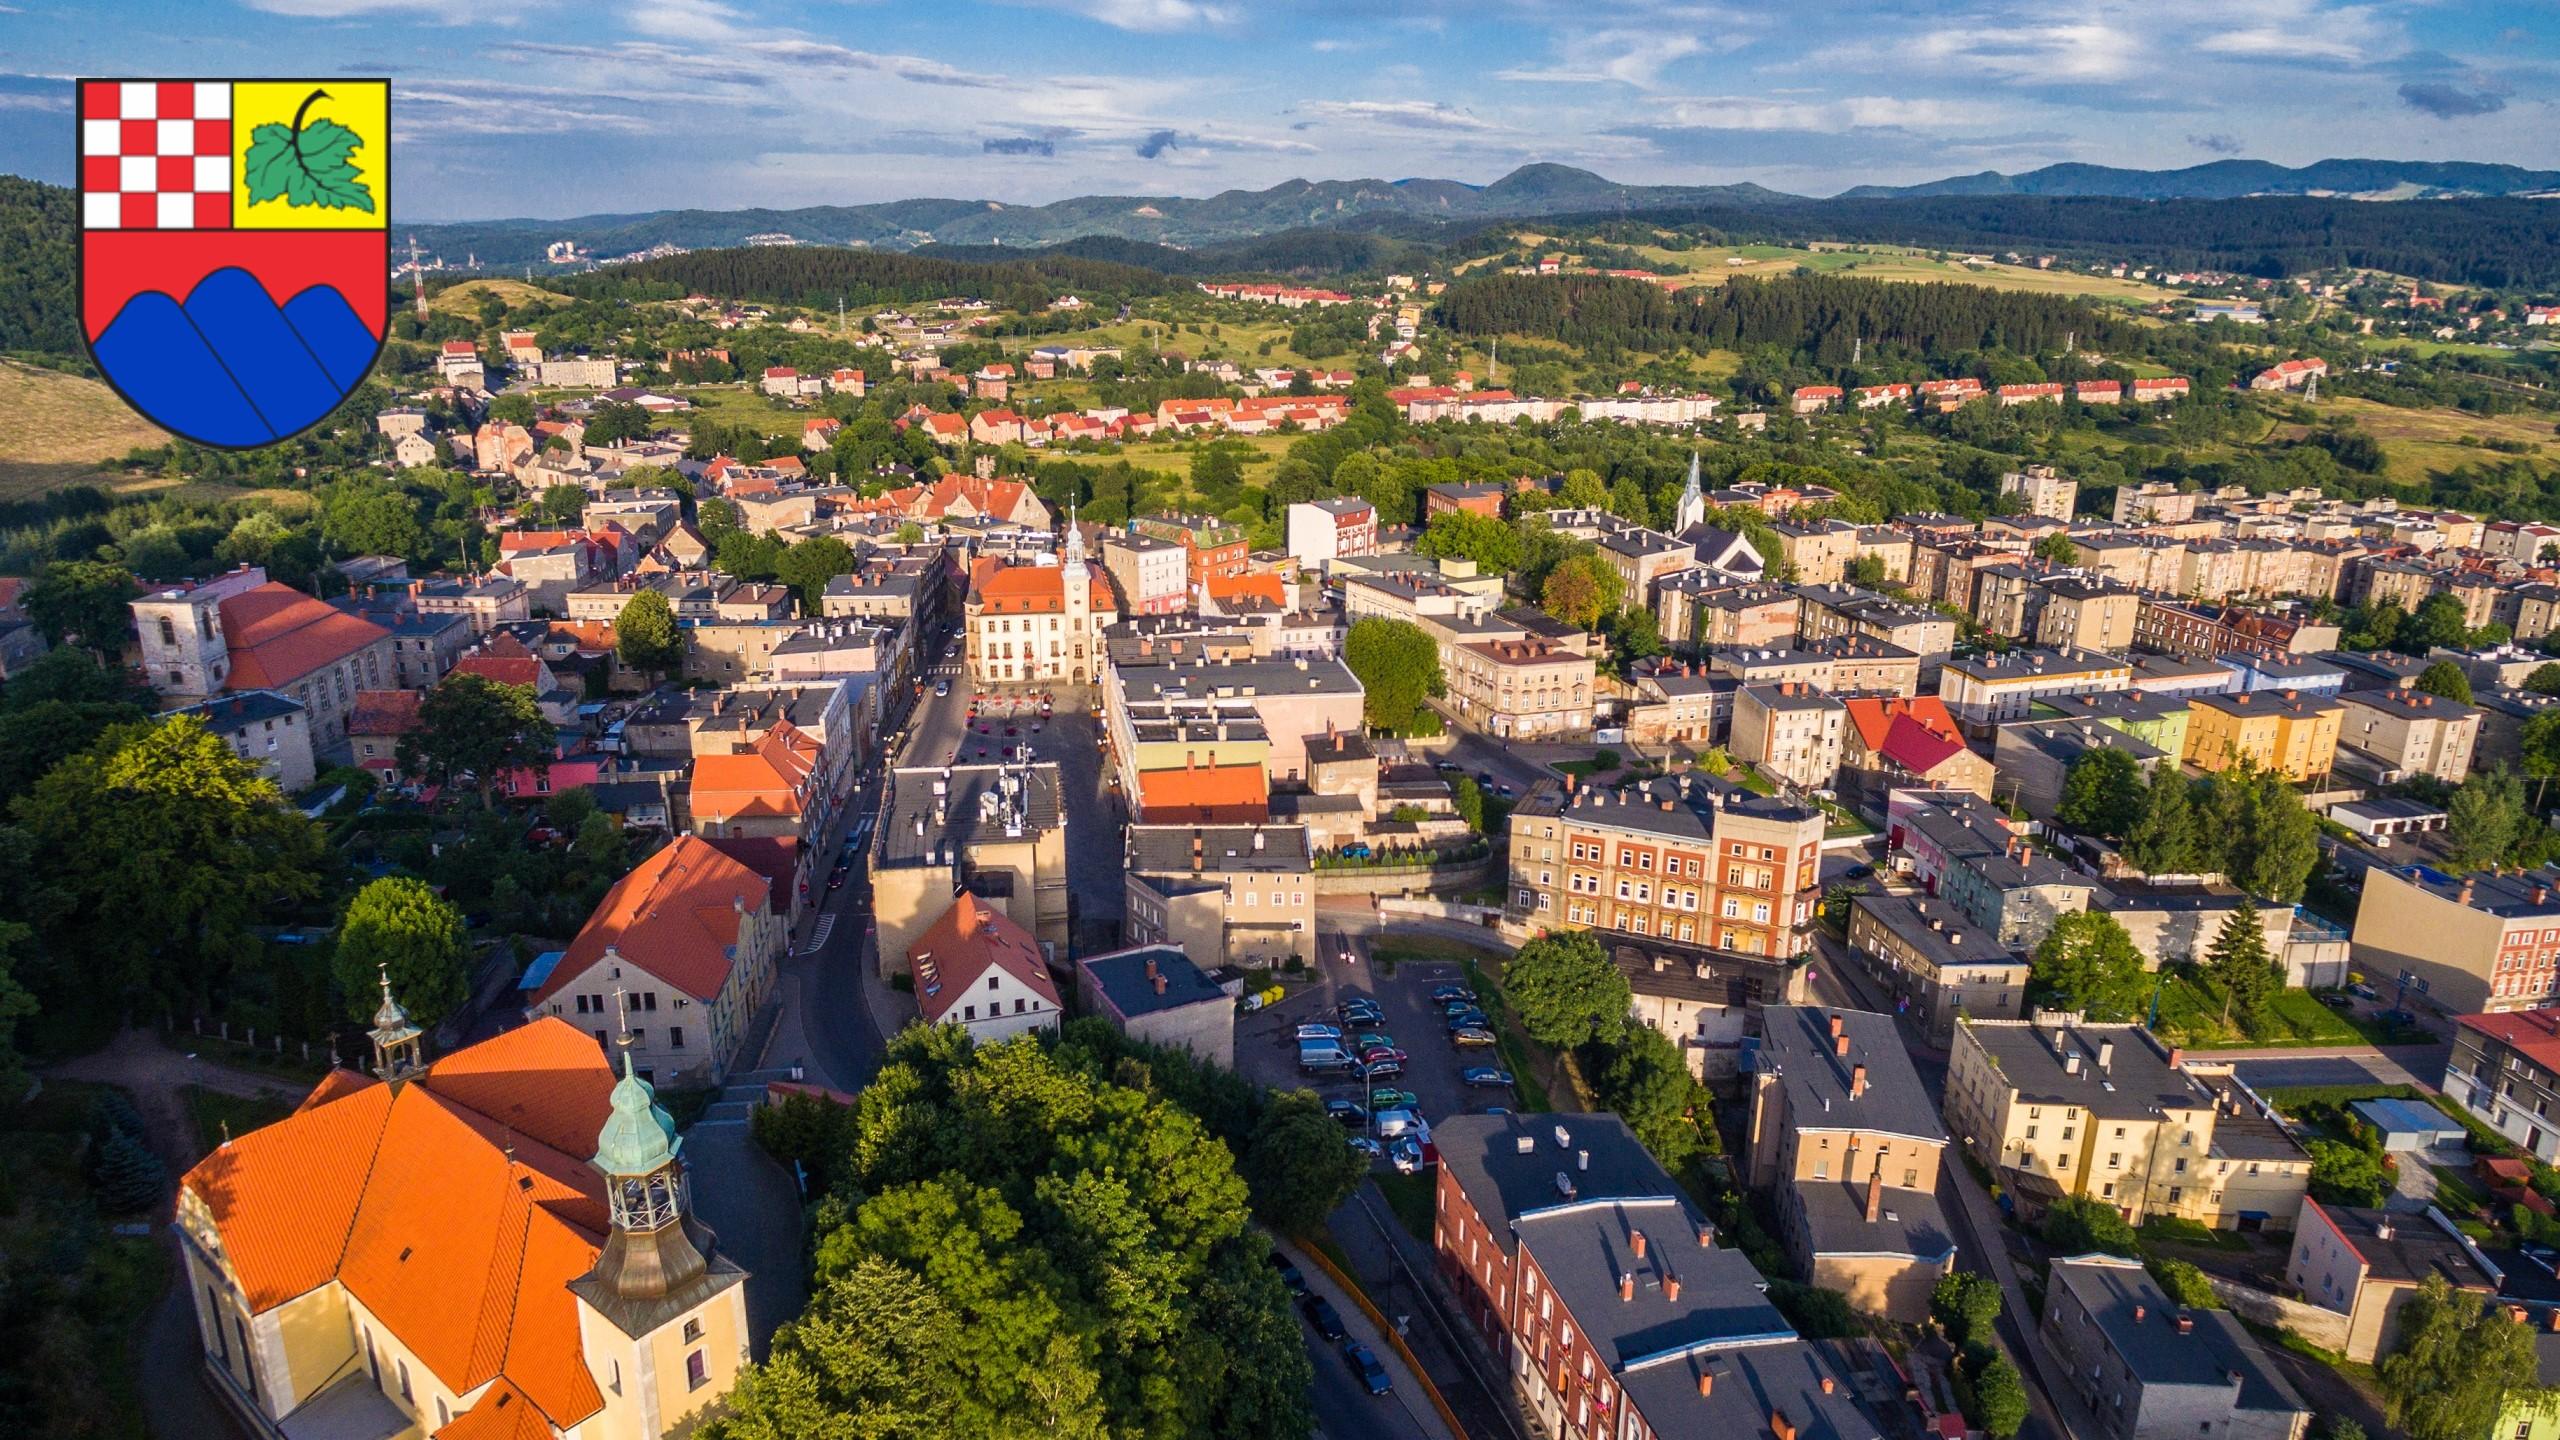 Debata nad raportem o stanie Gminy Miasto Boguszów-Gorce za 2018 r.